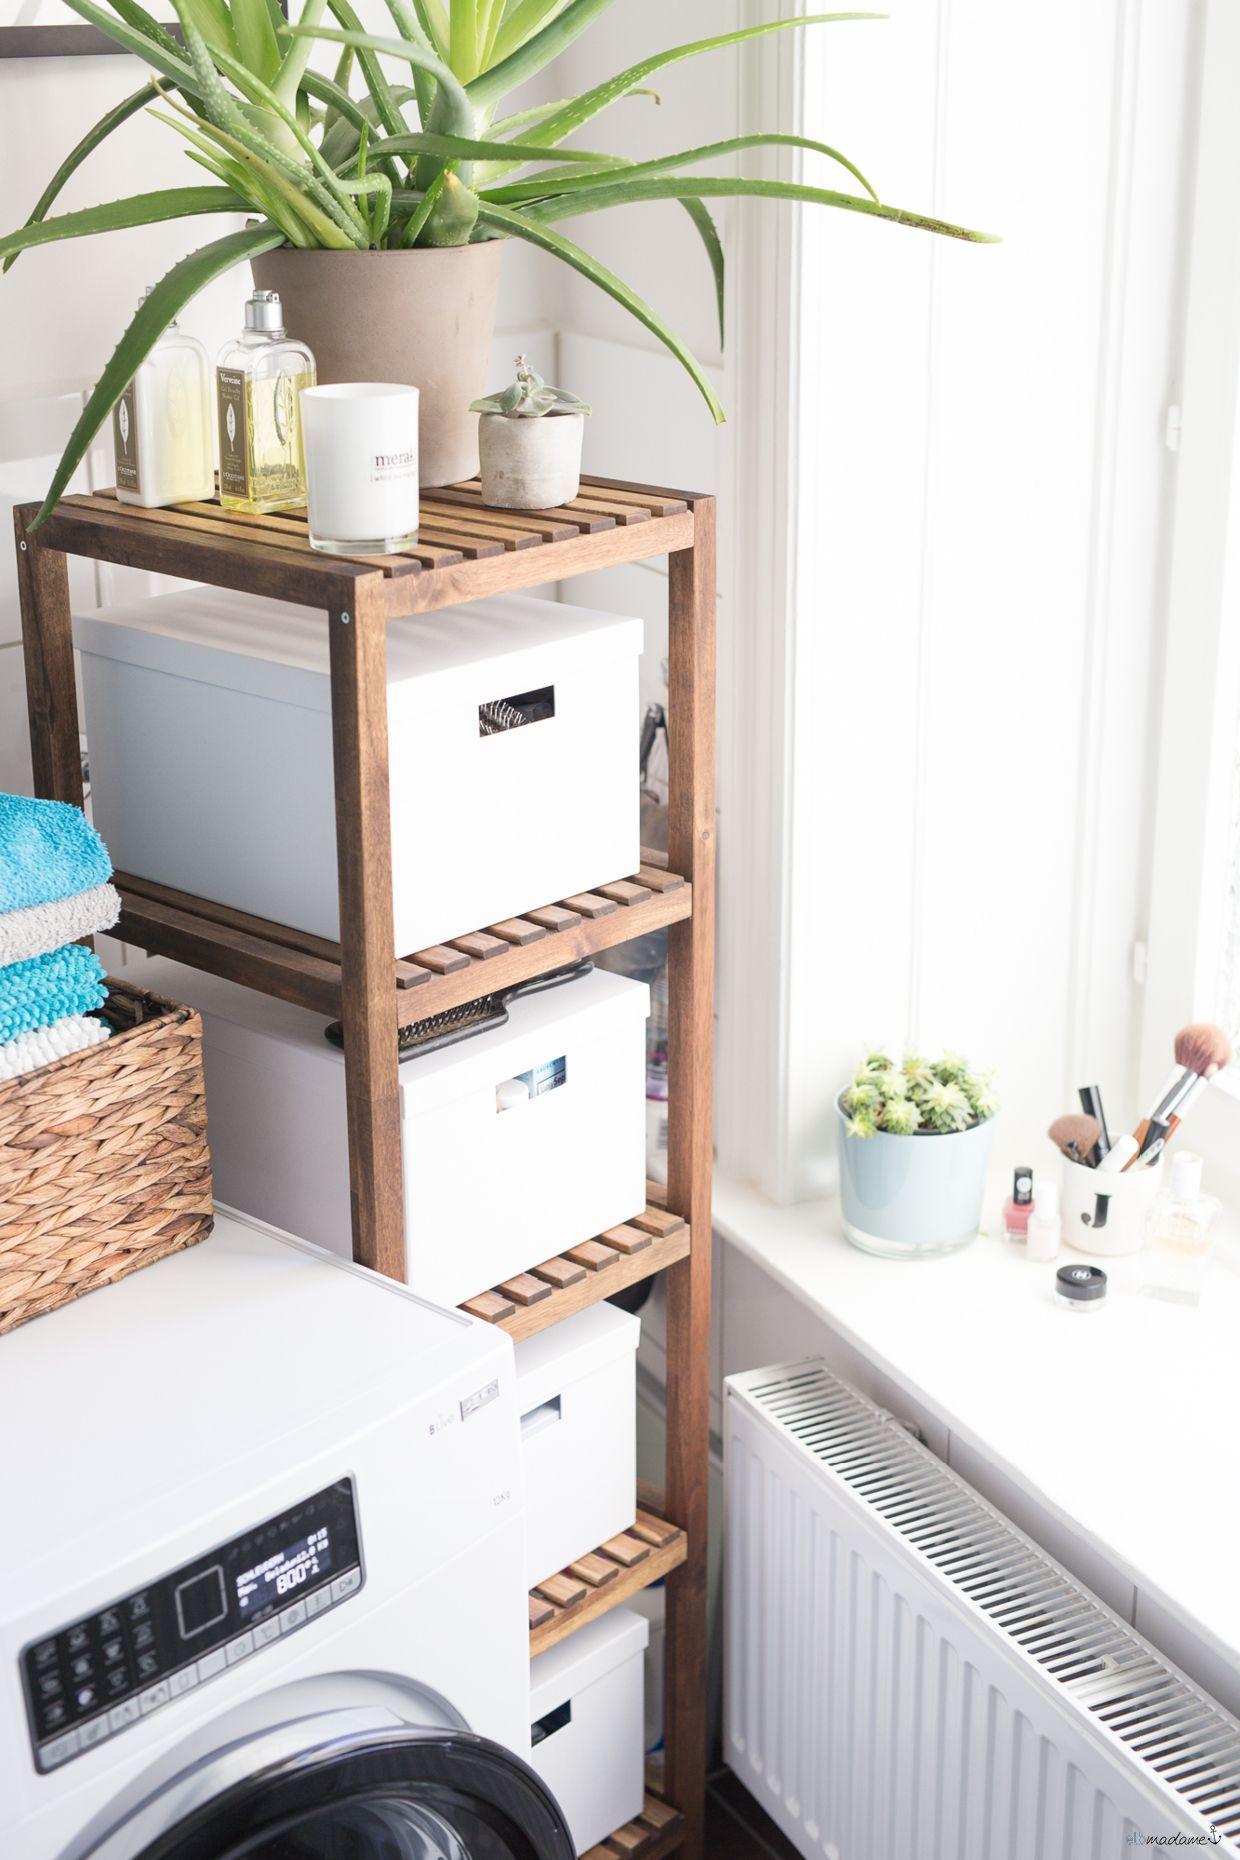 Smallbathroom Schnelle Badezimmer Umgestaltung Und Eine Neue Waschmaschine In 2020 Badezimmer Umgestaltung Badezimmer Aufbewahrung Badezimmer Renovieren